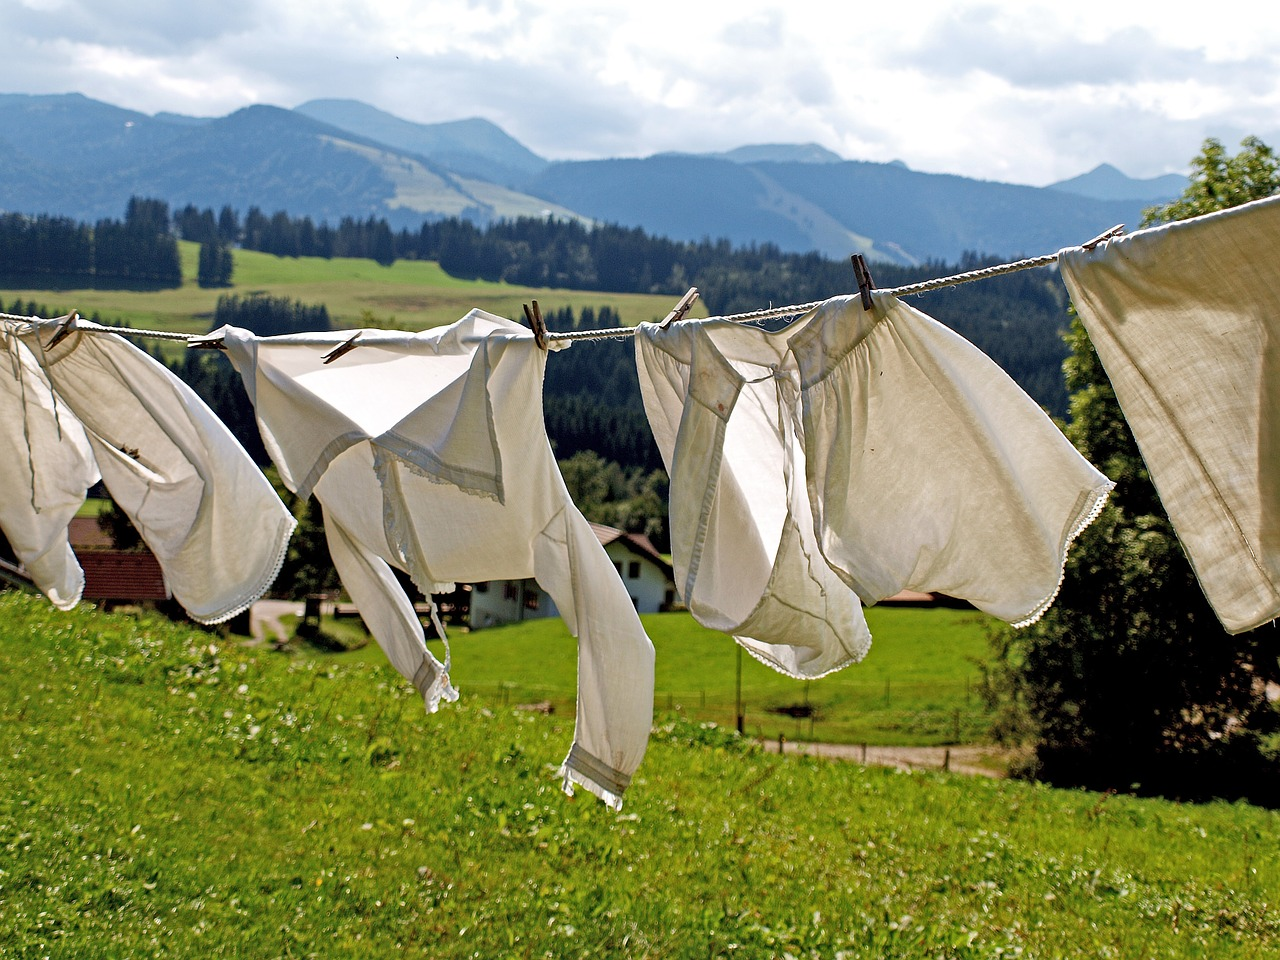 So eine Wäscheleine muss einiges aushalten, schließlich werden sie bei starkem Wind stark beansprucht.